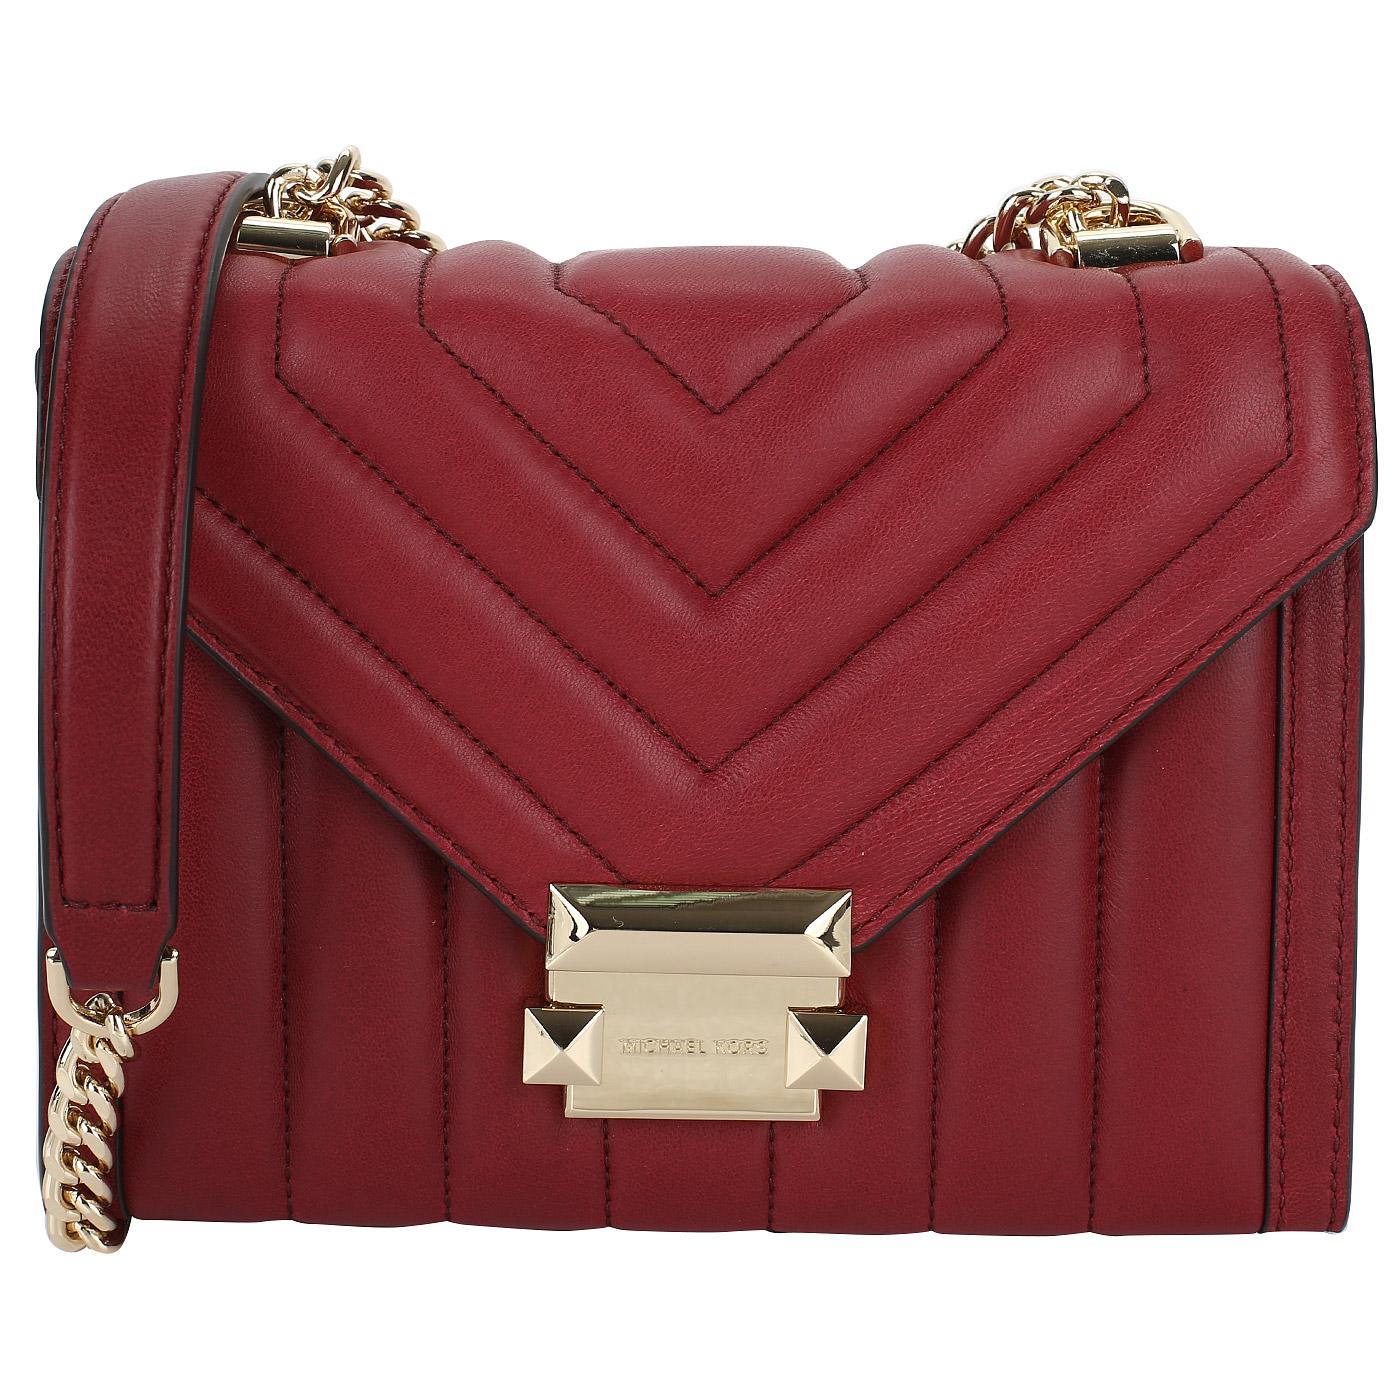 597054077ad8 Стеганая сумочка из кожи Michael Kors Whitney 30F8GXIL1T/550 ...